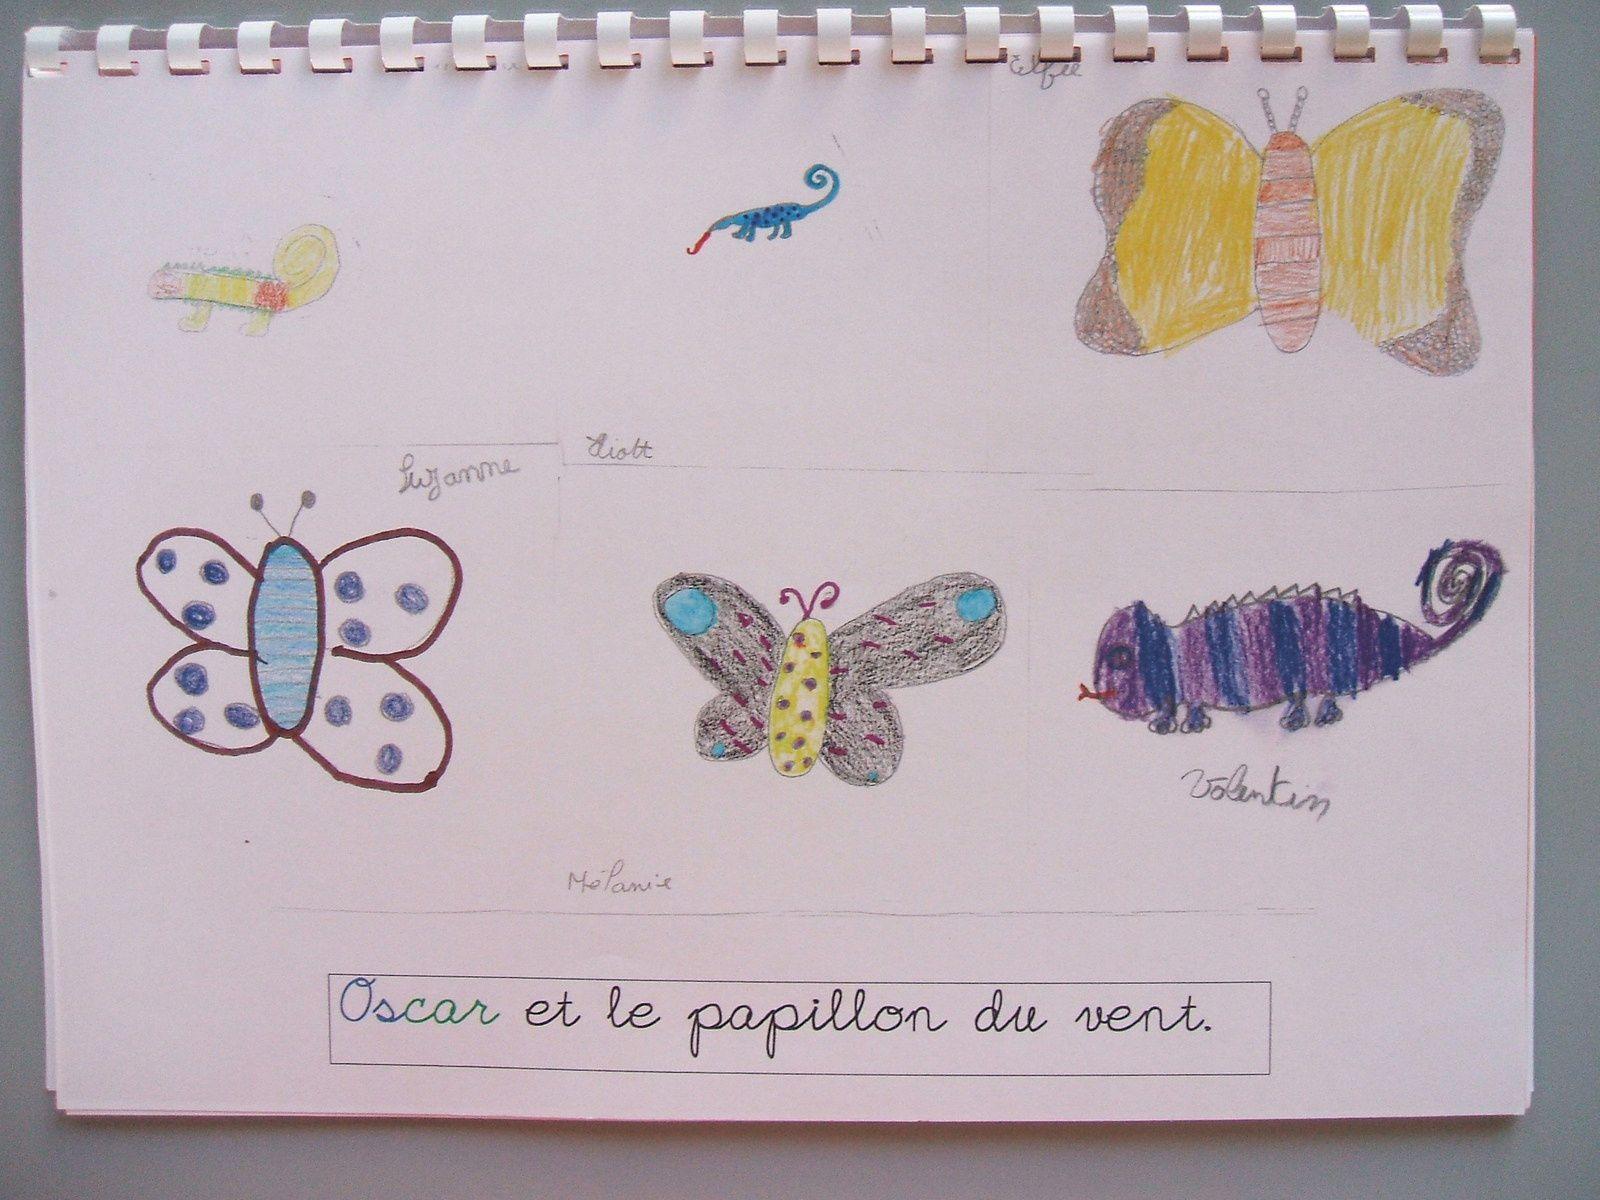 Livres réalisés par les élèves de l'école de Boisragon